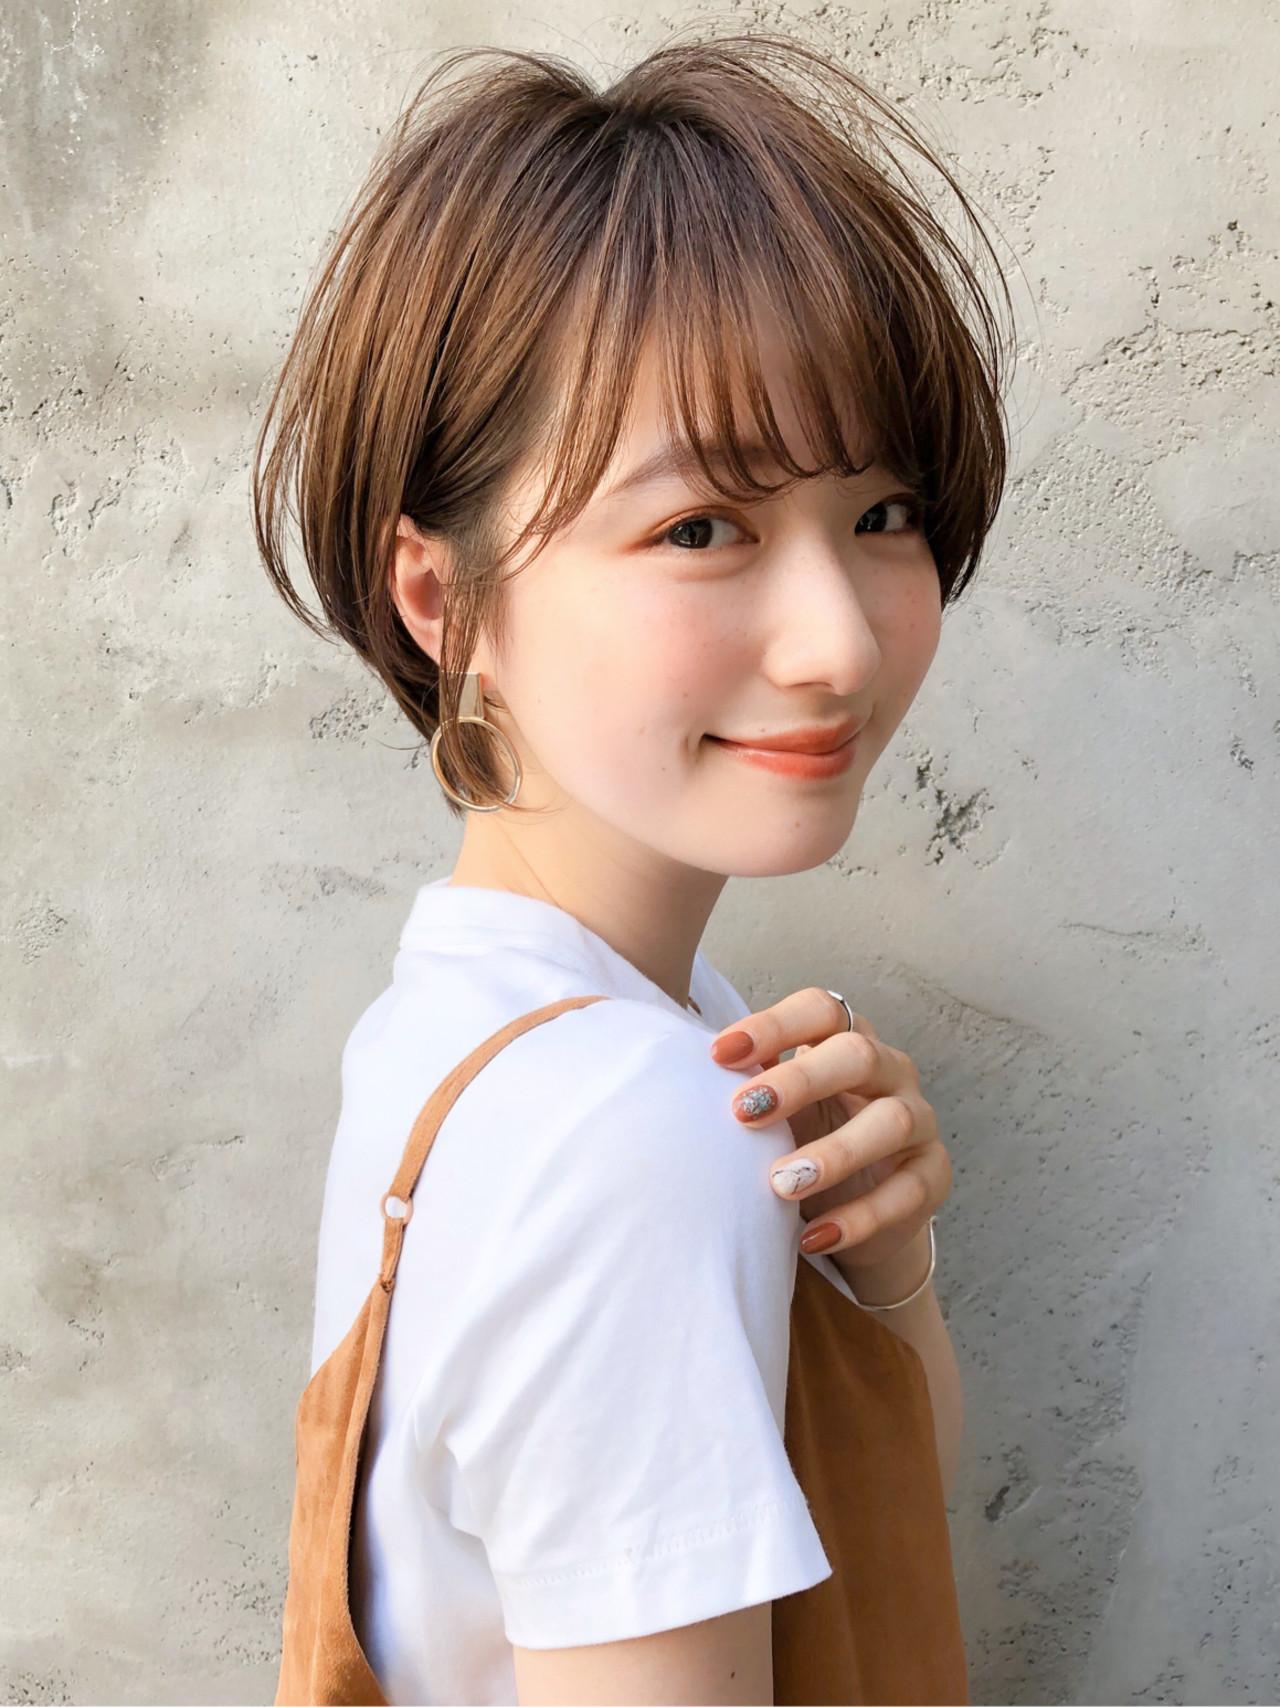 アッシュブラウン ショコラブラウン アッシュ ミニボブ ヘアスタイルや髪型の写真・画像 | 原田 実茄 / Agnos 青山